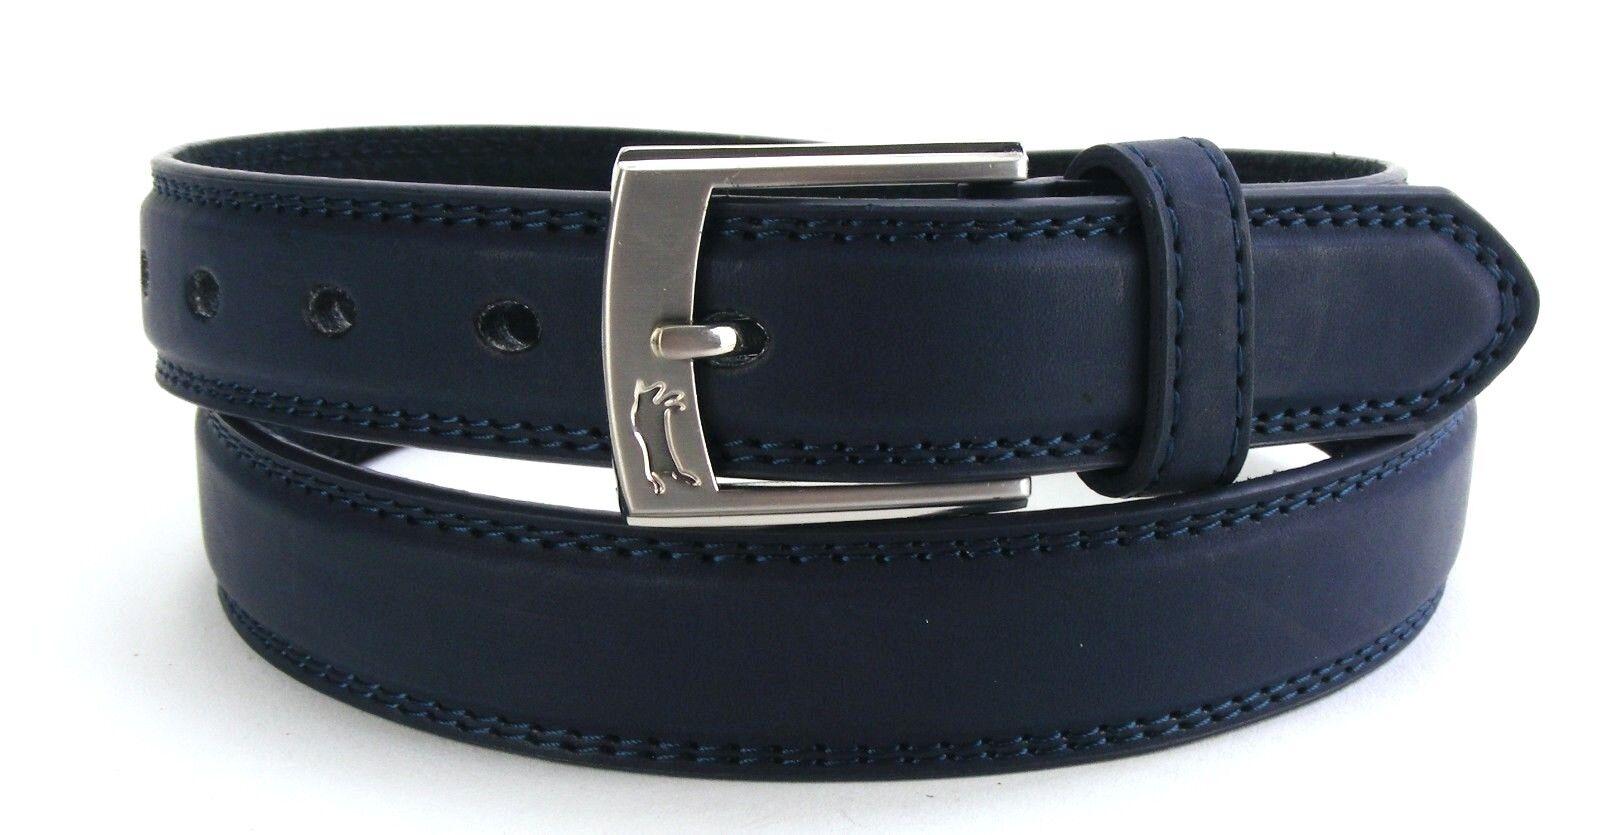 Echt Herrengürtel Damengürtel blau marine schmal 2,5 cm Jeansgürtel Naht HRG2F